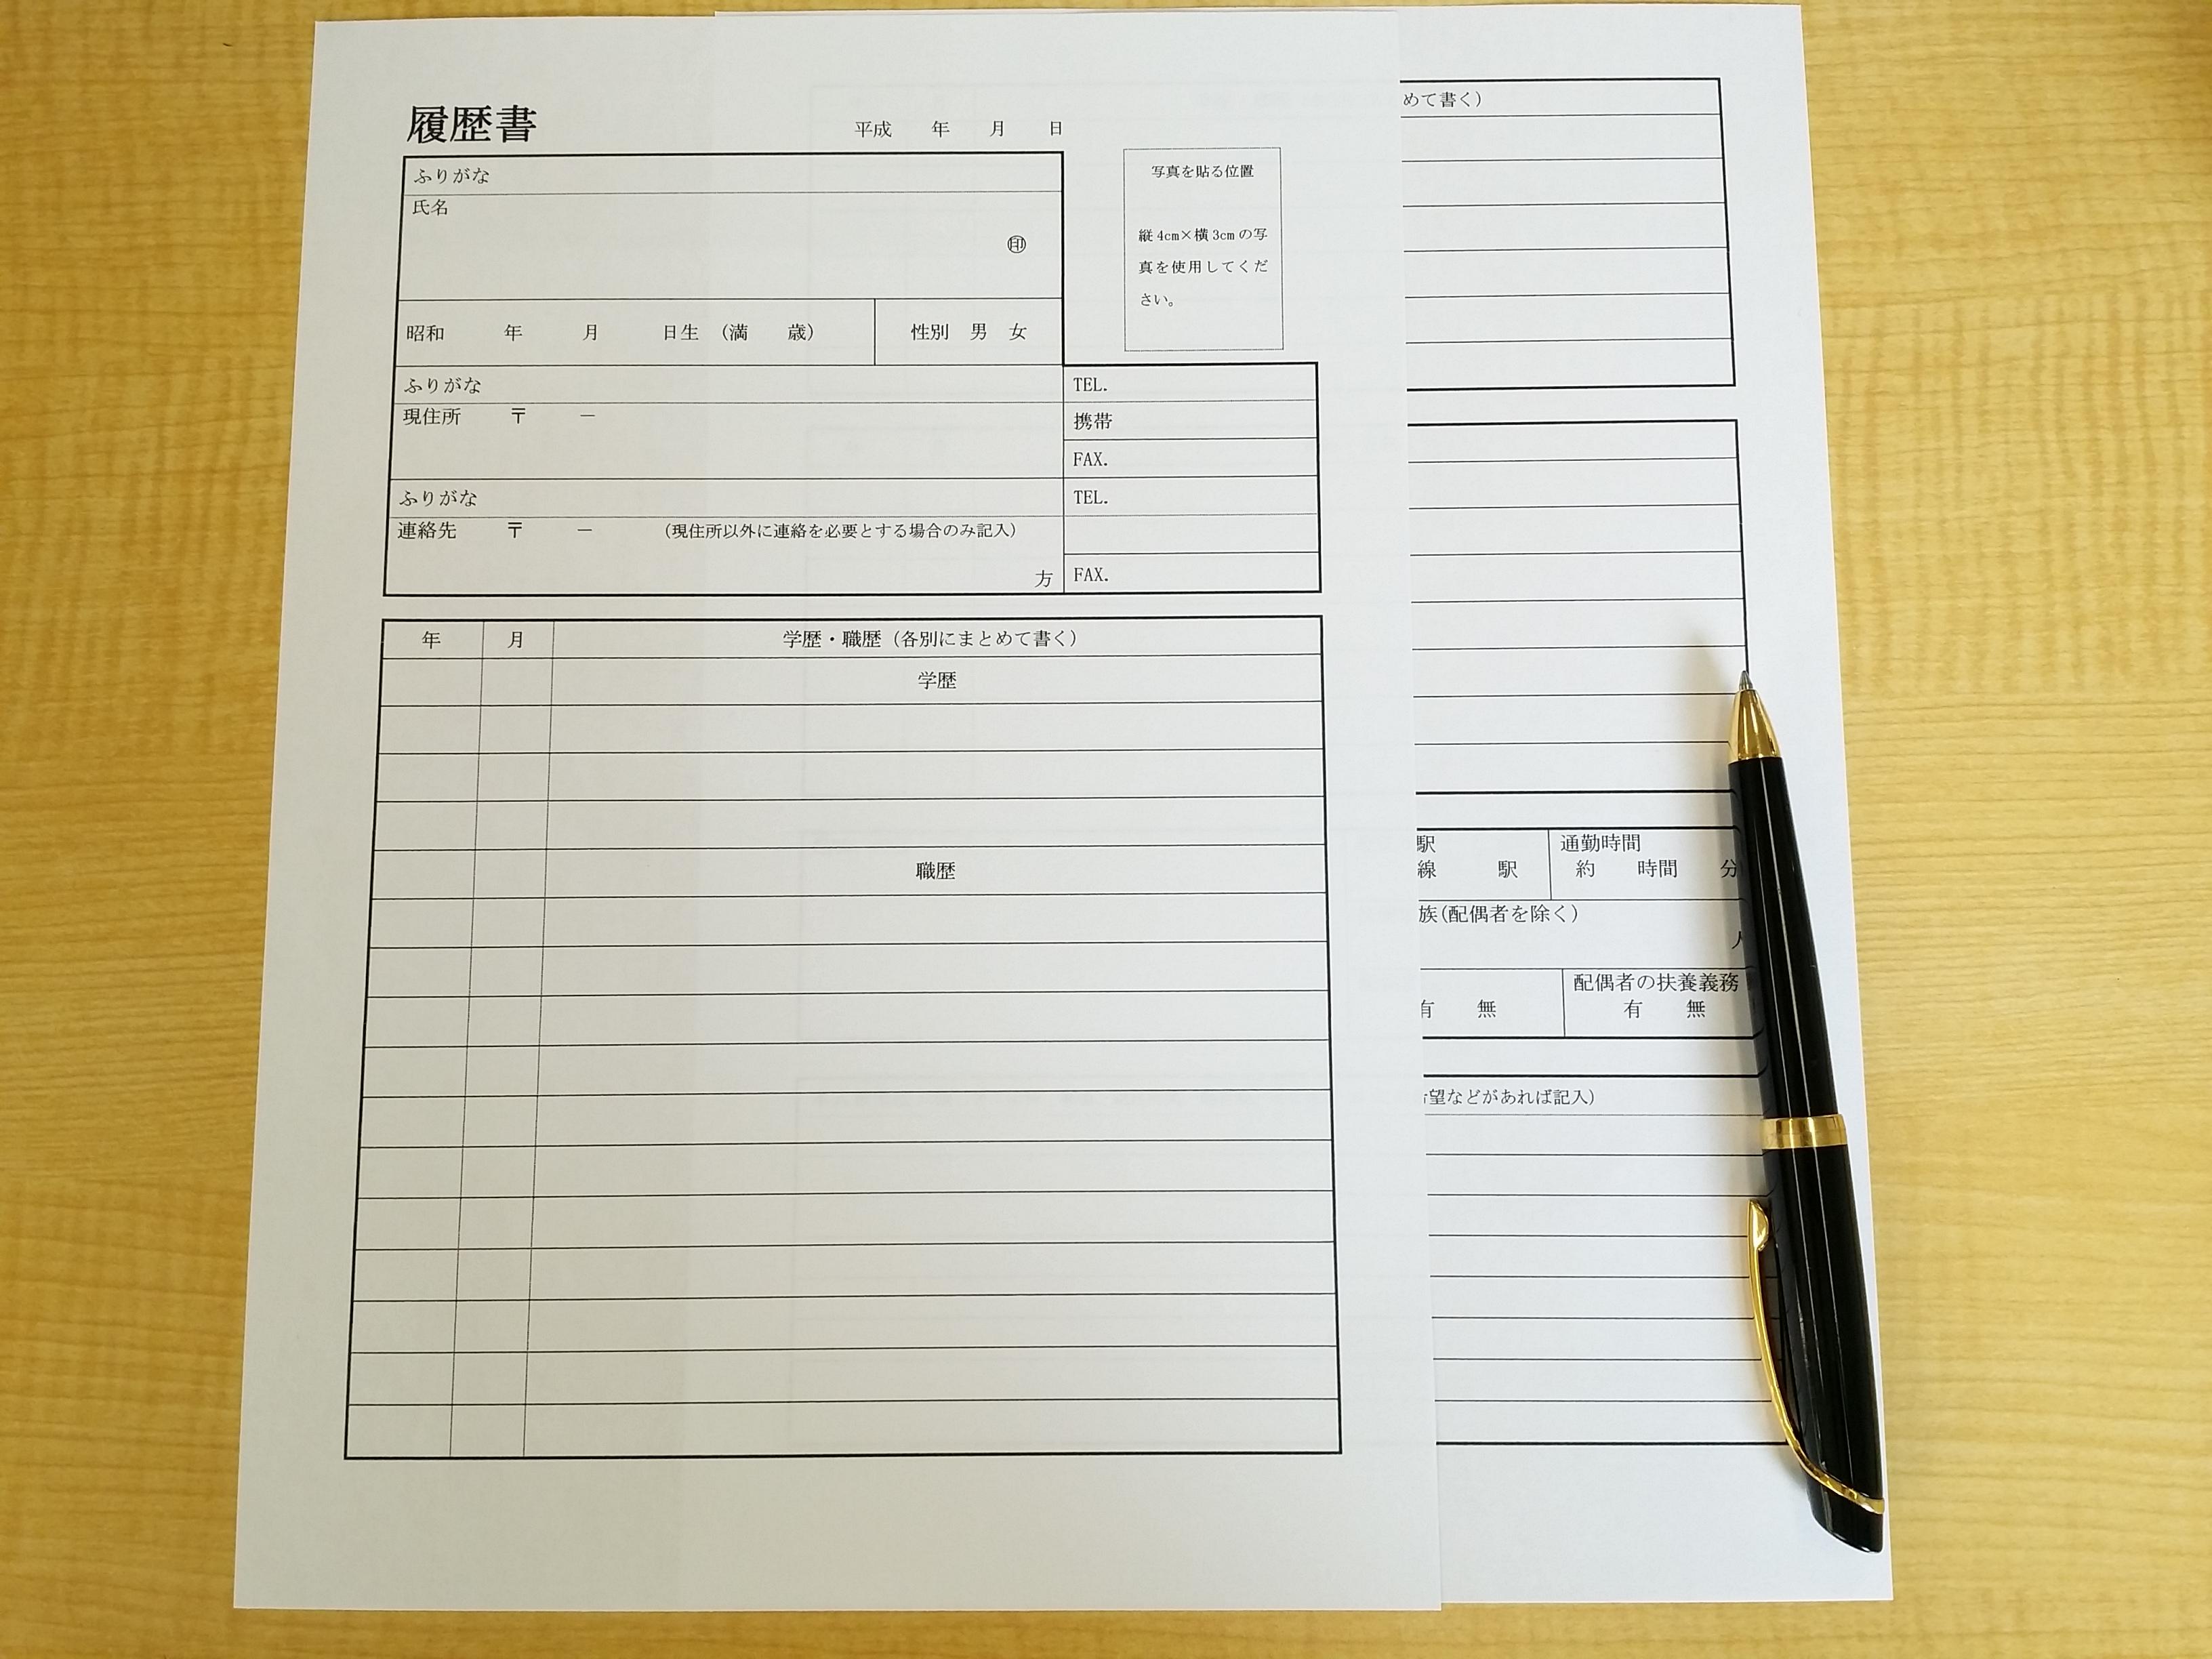 【保存版】技術者/エンジニアの履歴書、職務経歴書の書き方